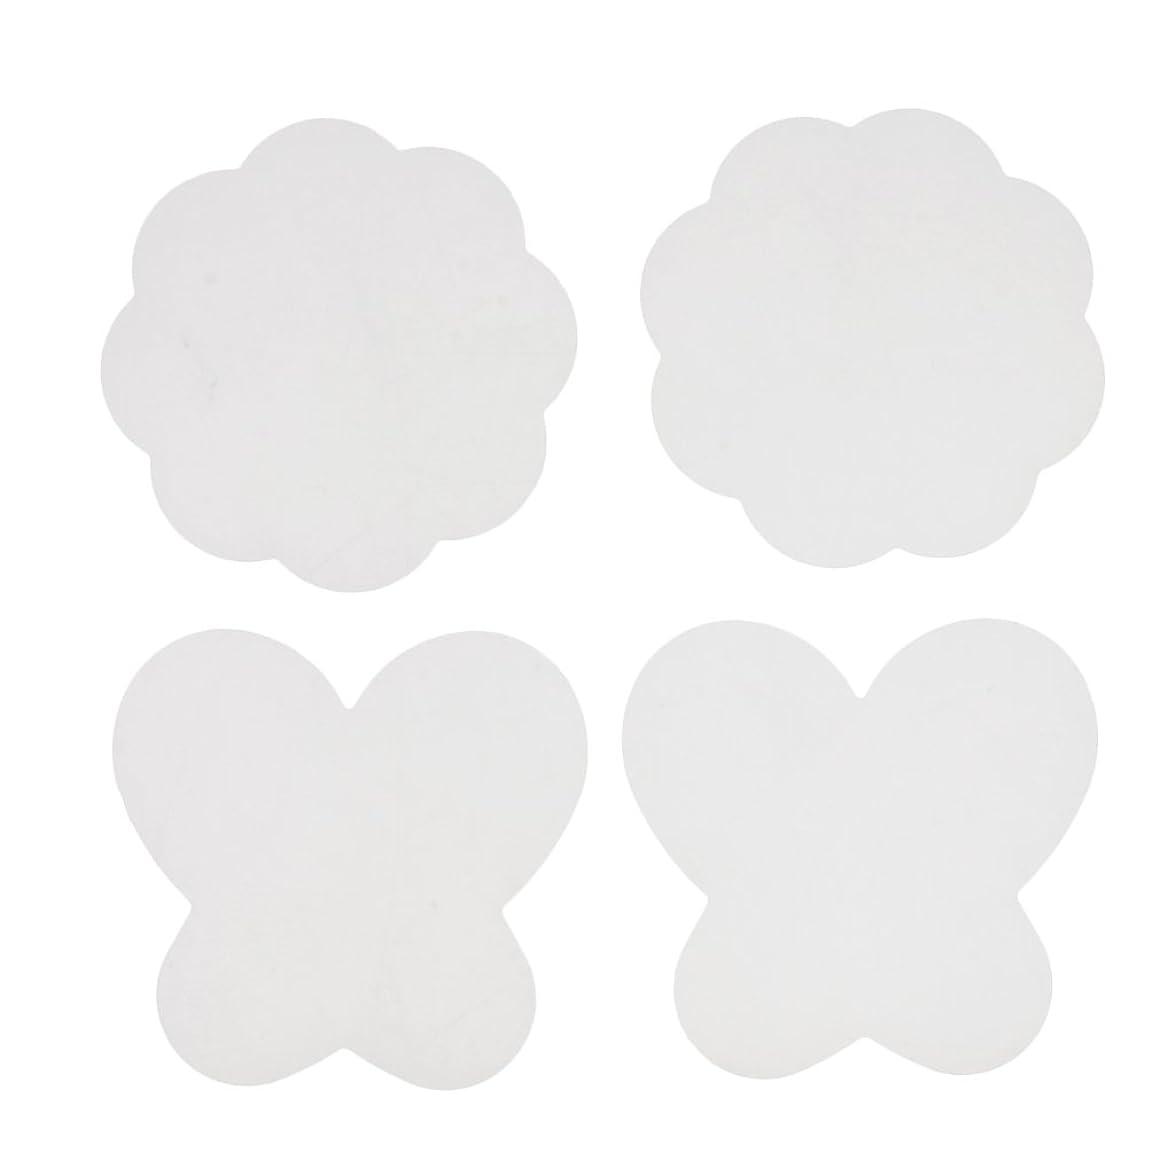 目を覚ますプロット健康的Kesoto 4個 ネイルアートパッド シリコン ミキシングペイント マット 折り畳み式 洗える  全4色 - クリア